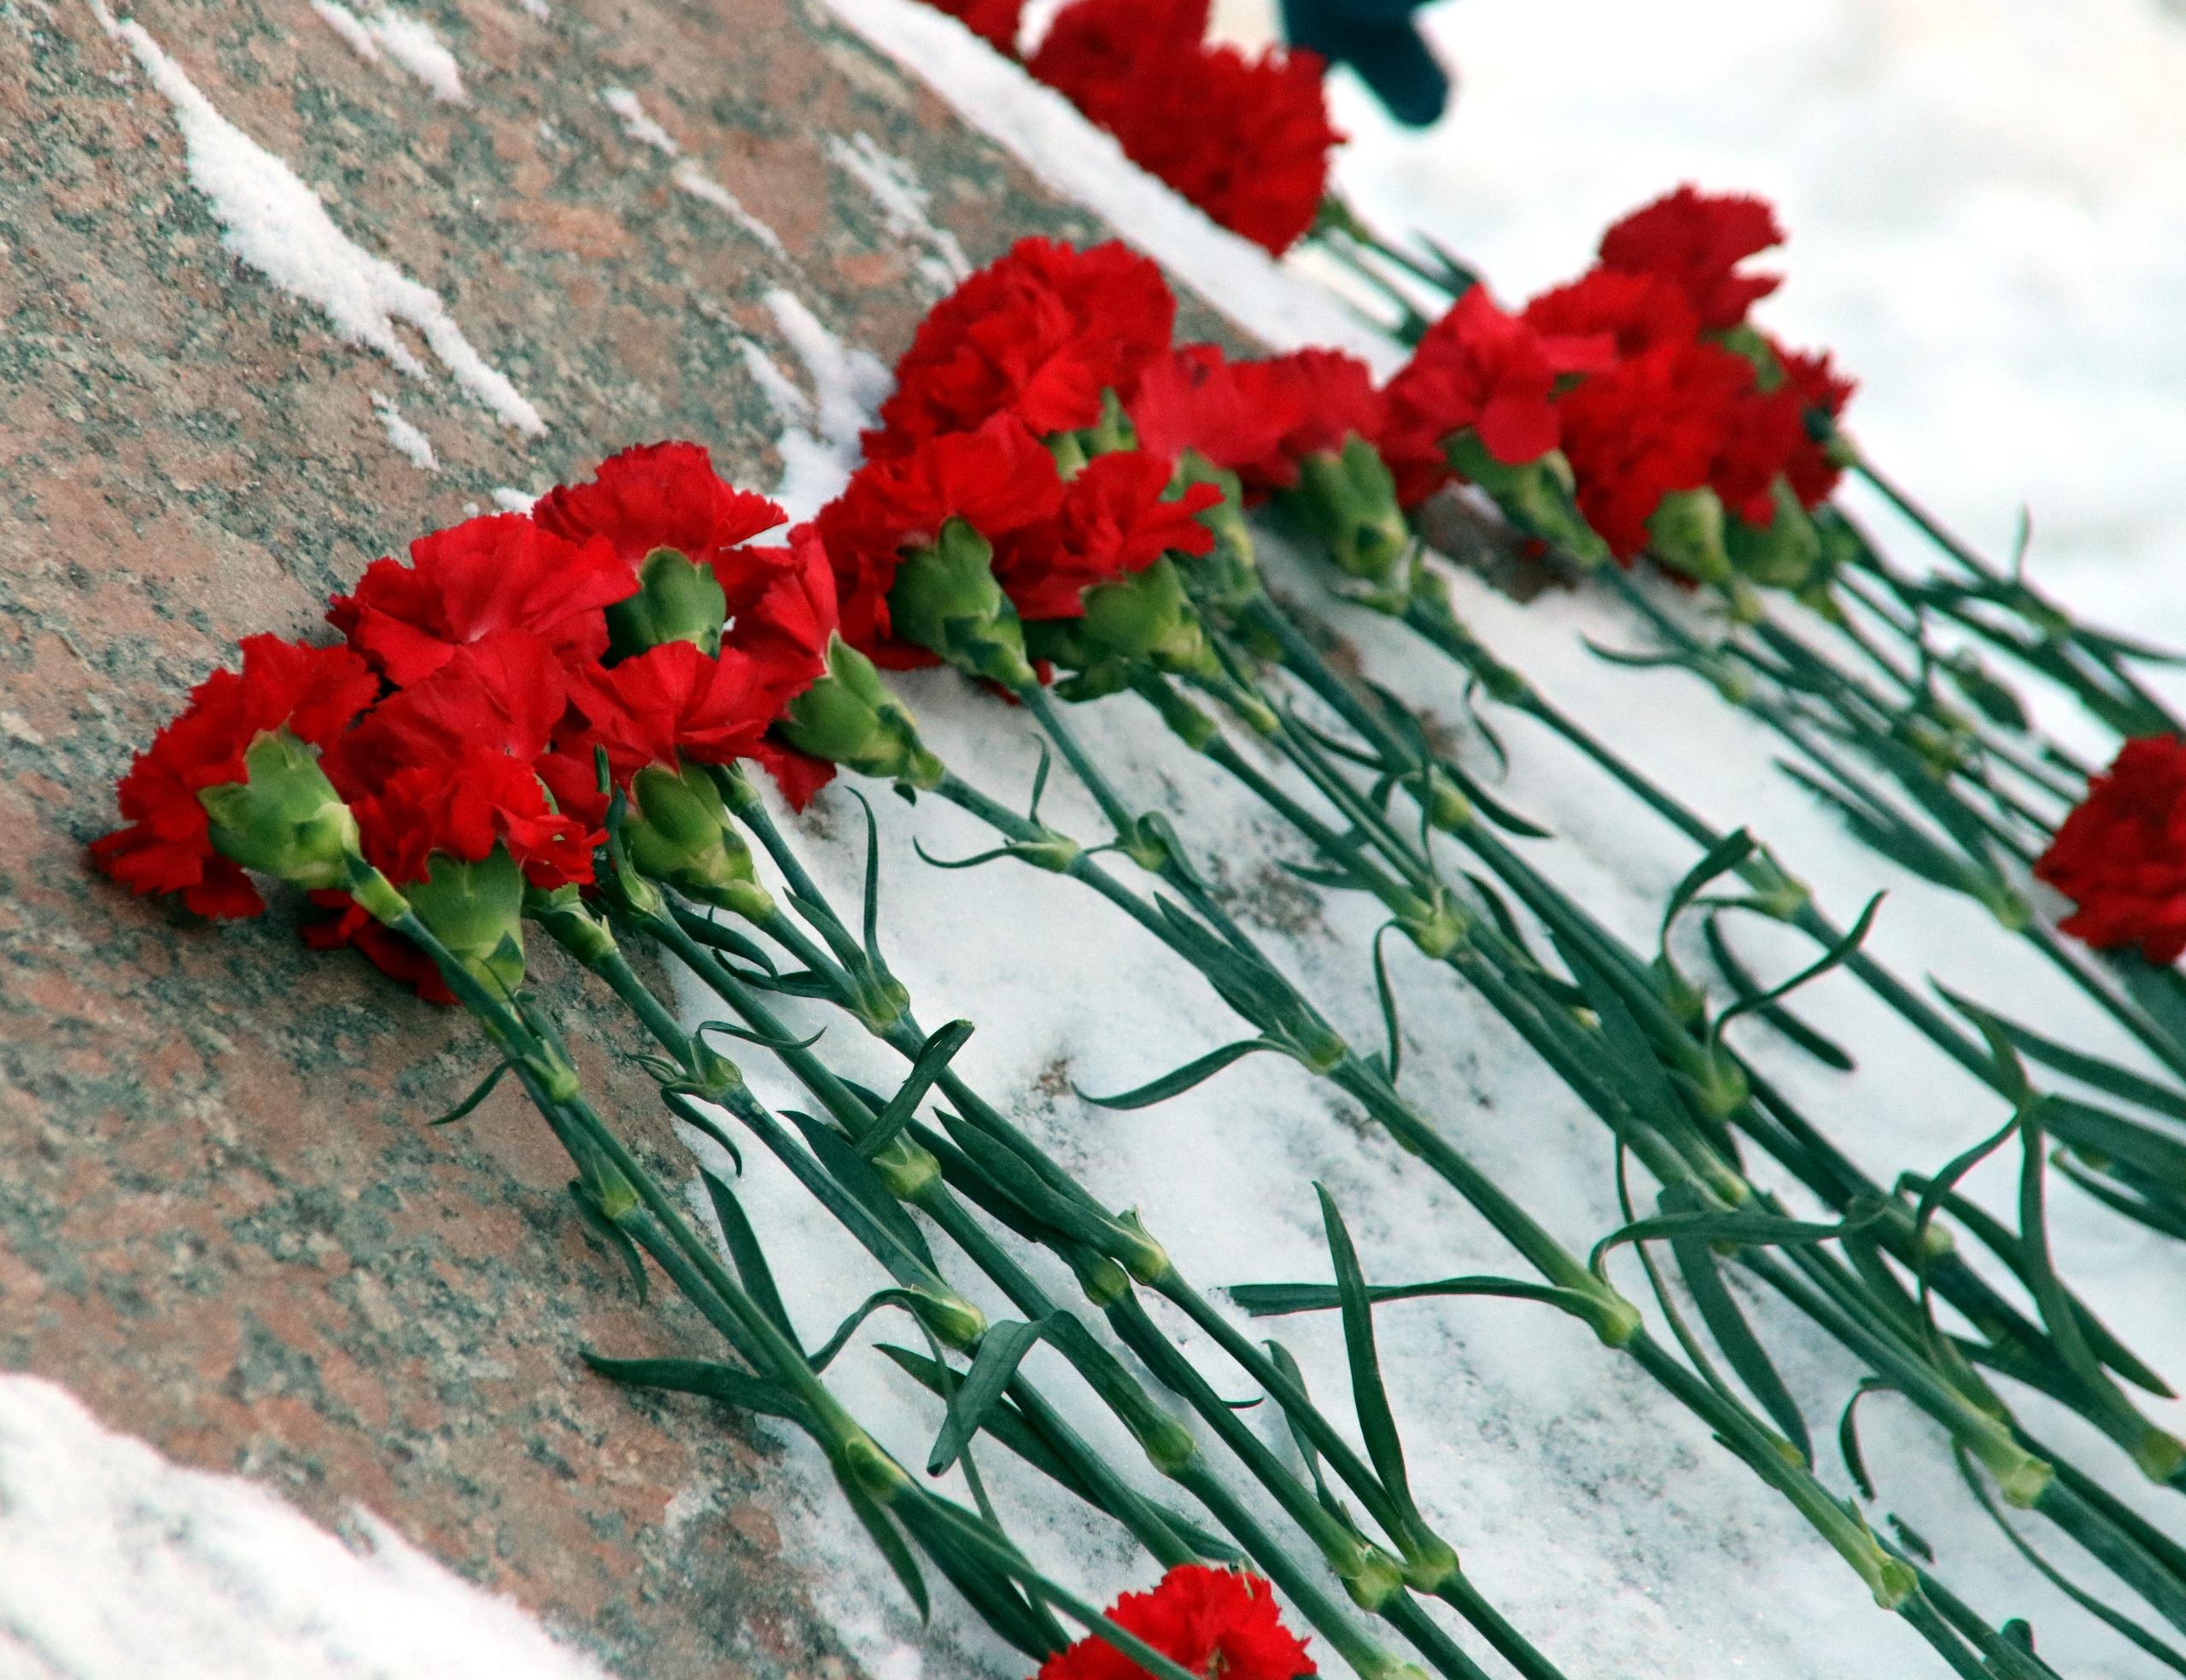 События Сталинградской битвы вспомнили в Орехове-Борисове Южном